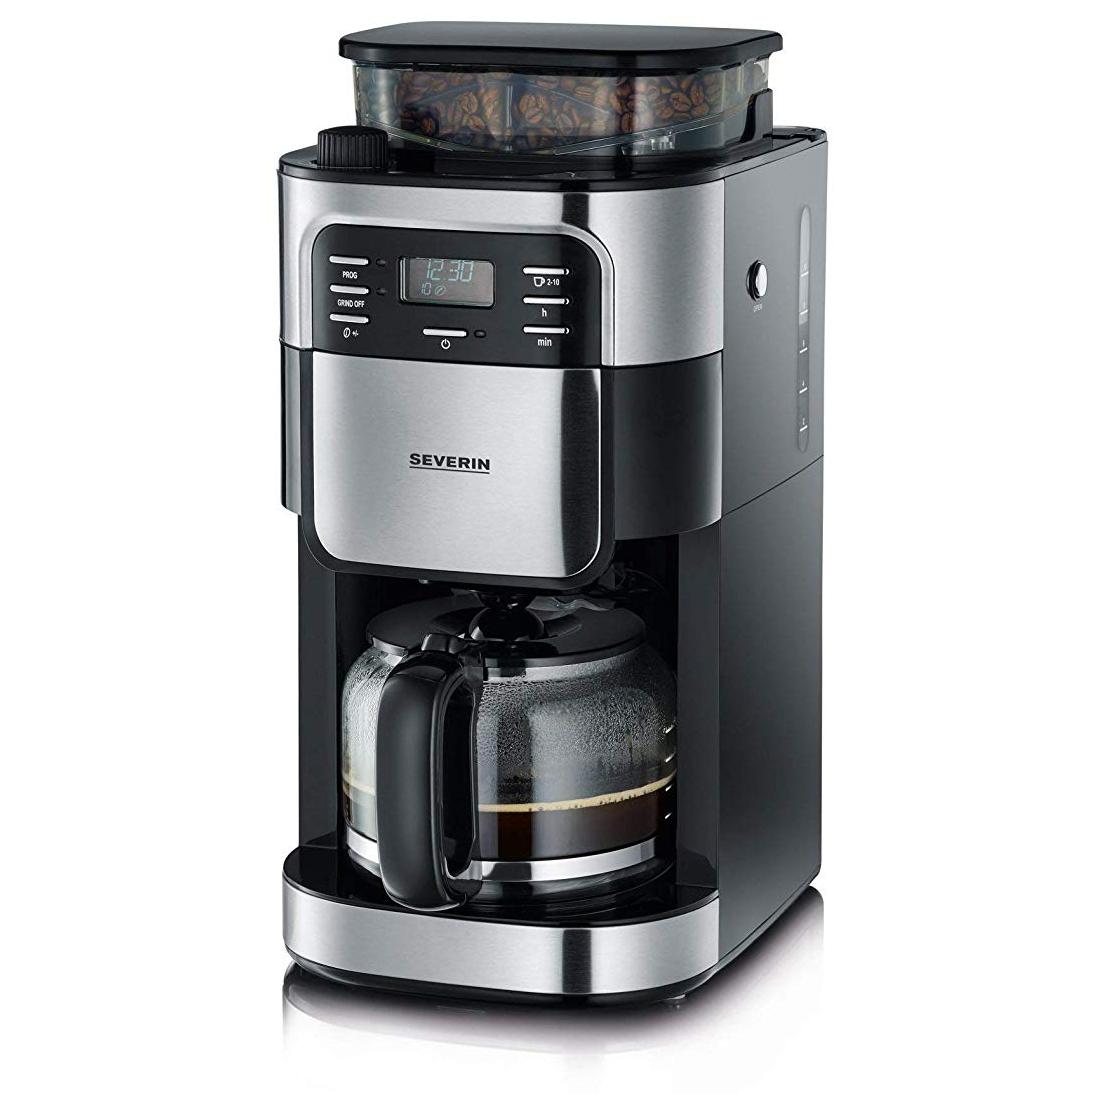 Cafetière filtre Severin 4810 avec broyeur intégré - 1000W, 1.4L